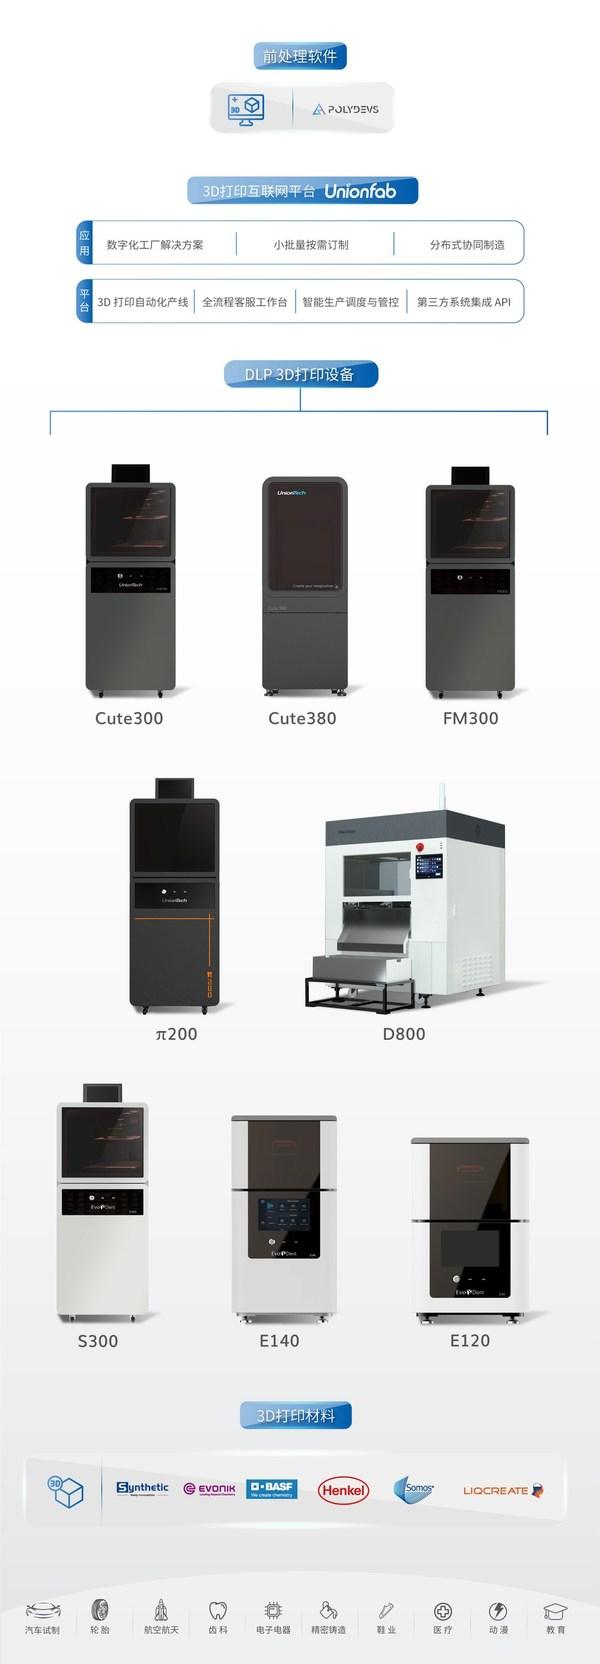 联泰科技产品部经理荣左超谈DLP打印技术之现状及发展